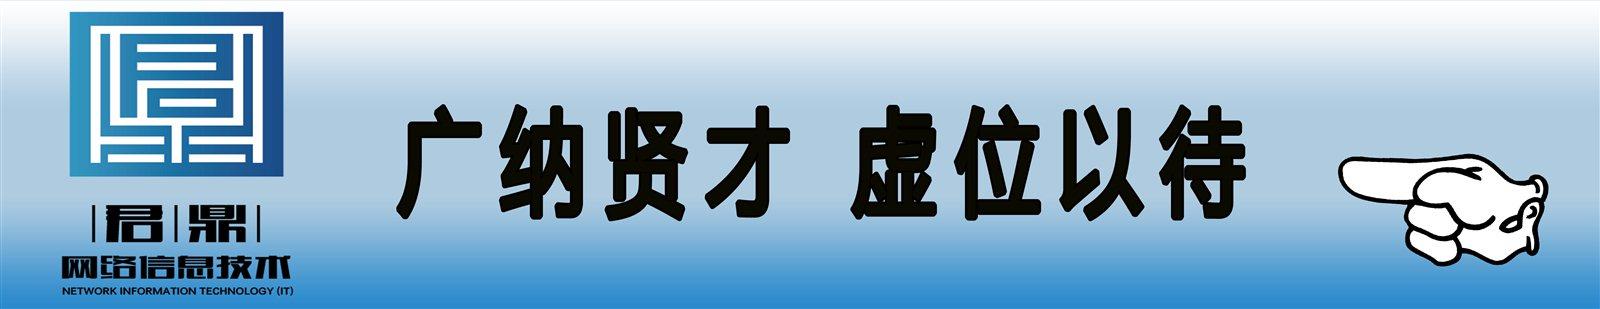 四川君鼎网络科技有限公司